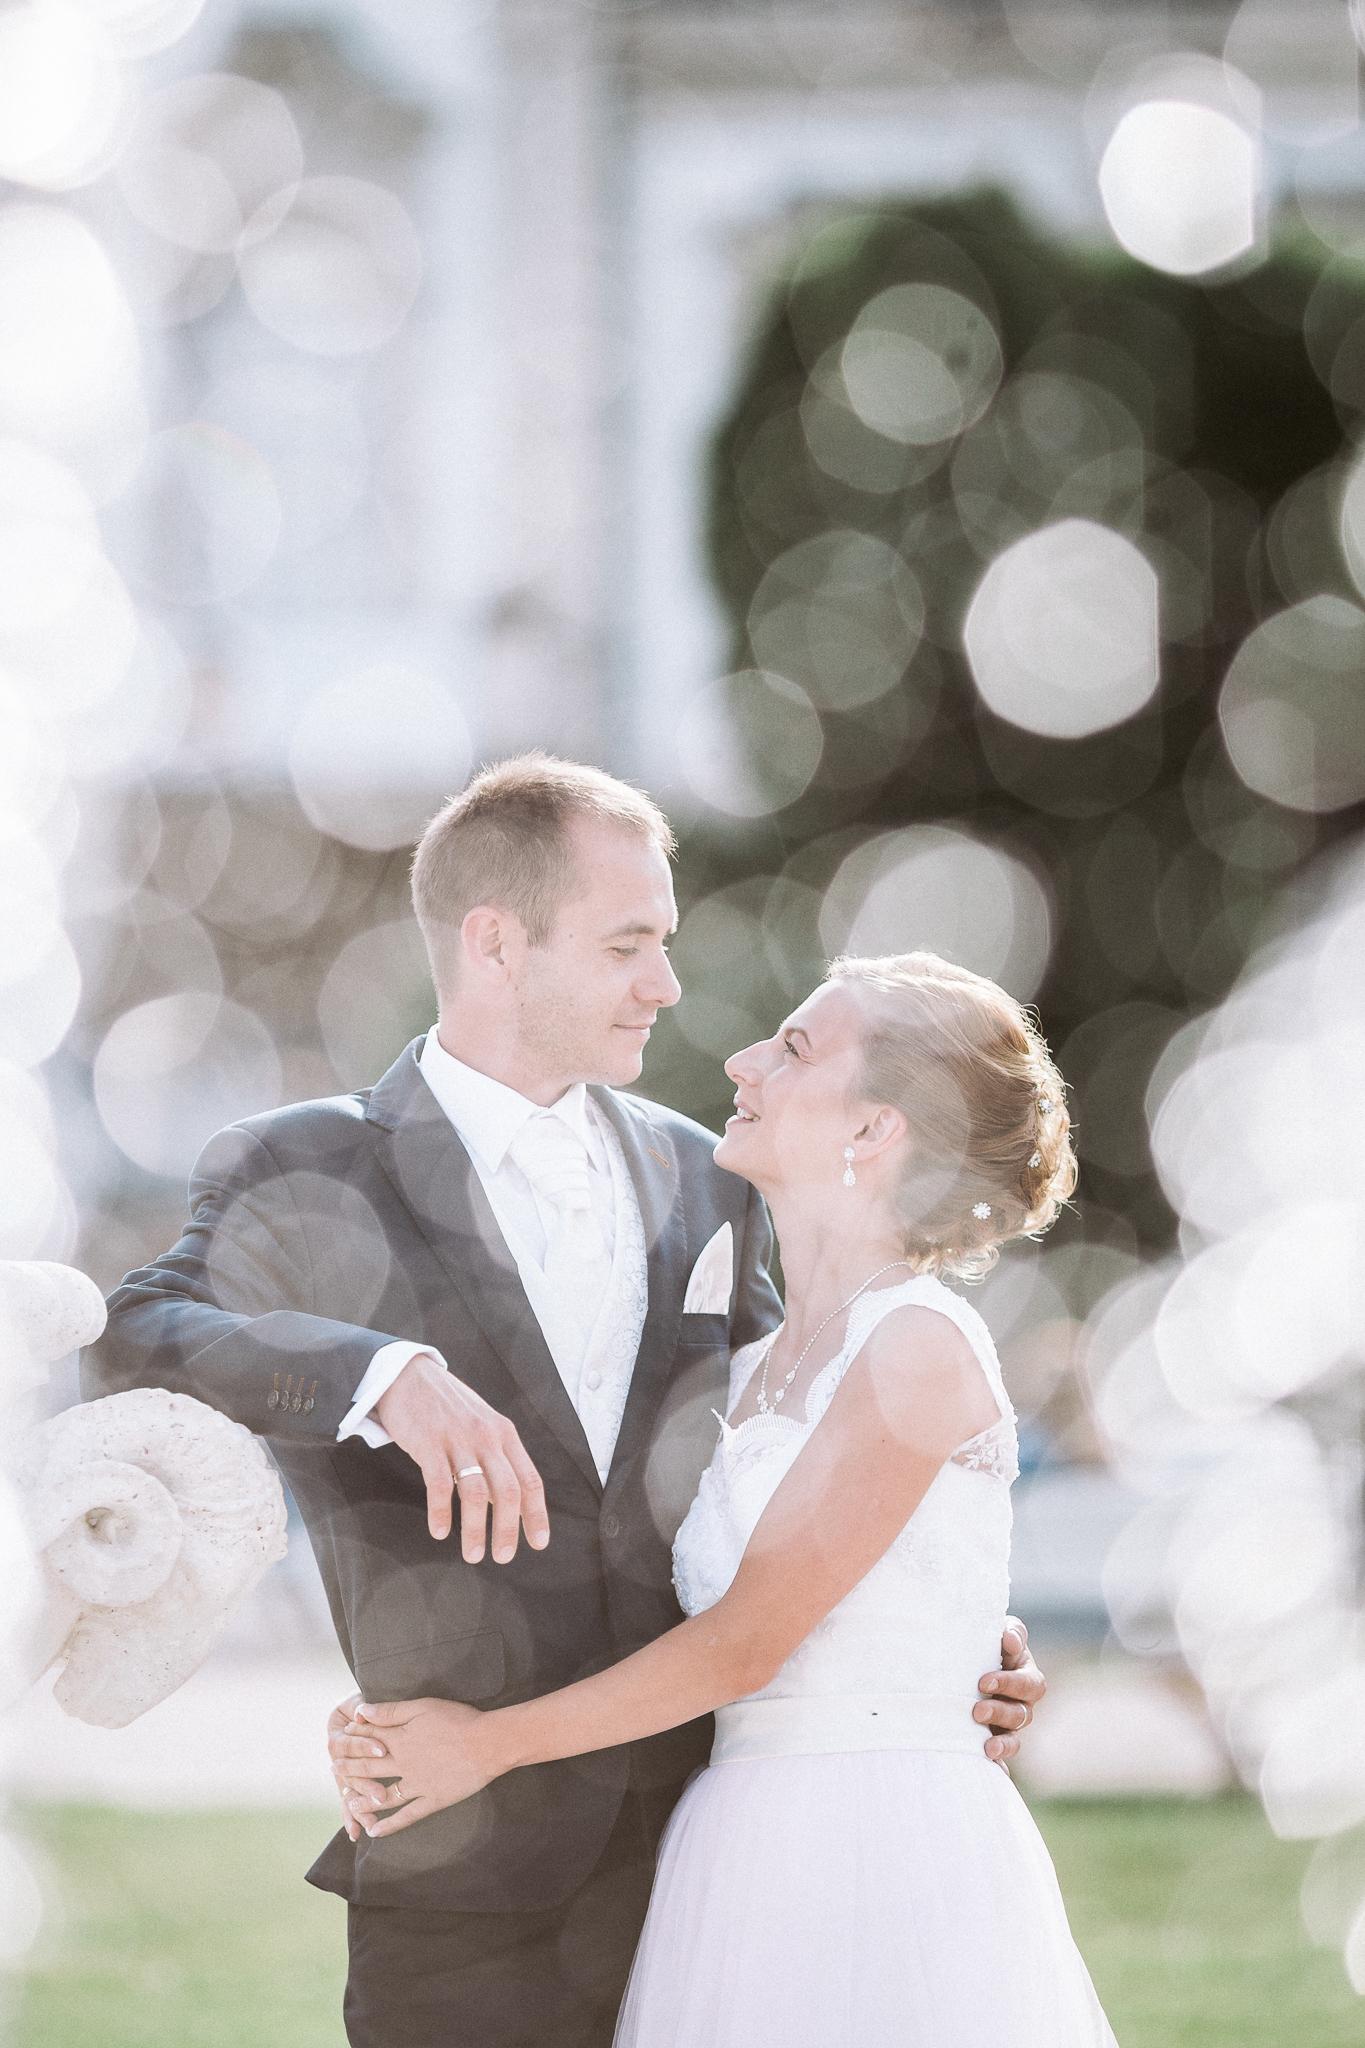 FylepPhoto, esküvőfotós, esküvői fotós Körmend, Szombathely, esküvőfotózás, magyarország, vas megye, prémium, jegyesfotózás, Fülöp Péter, körmend, kreatív, fotográfus_27-2.jpg